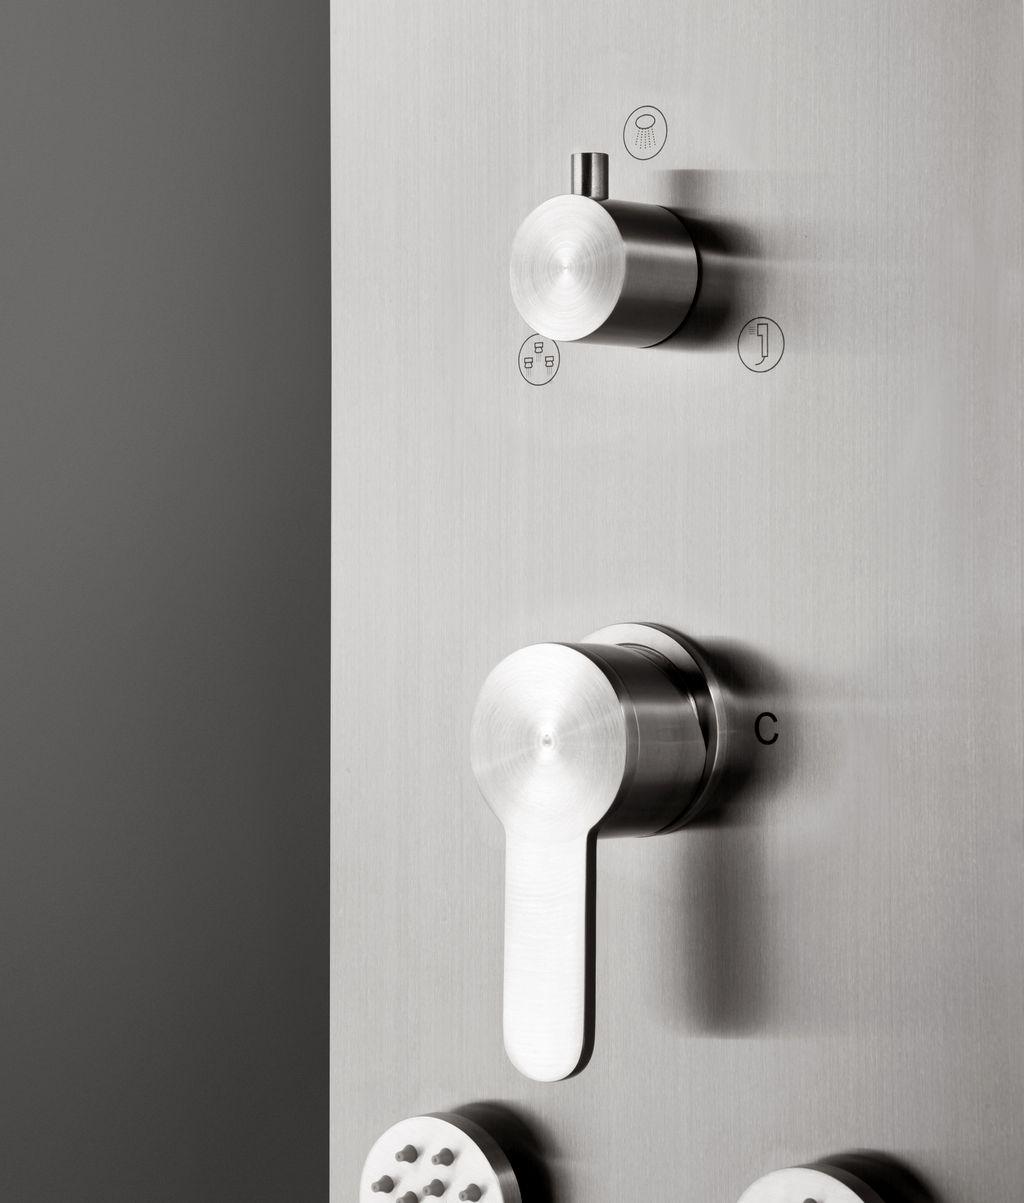 dusch paneel lp097 edelstahl duschs ule brause dusche sedal einhandmischer ebay. Black Bedroom Furniture Sets. Home Design Ideas